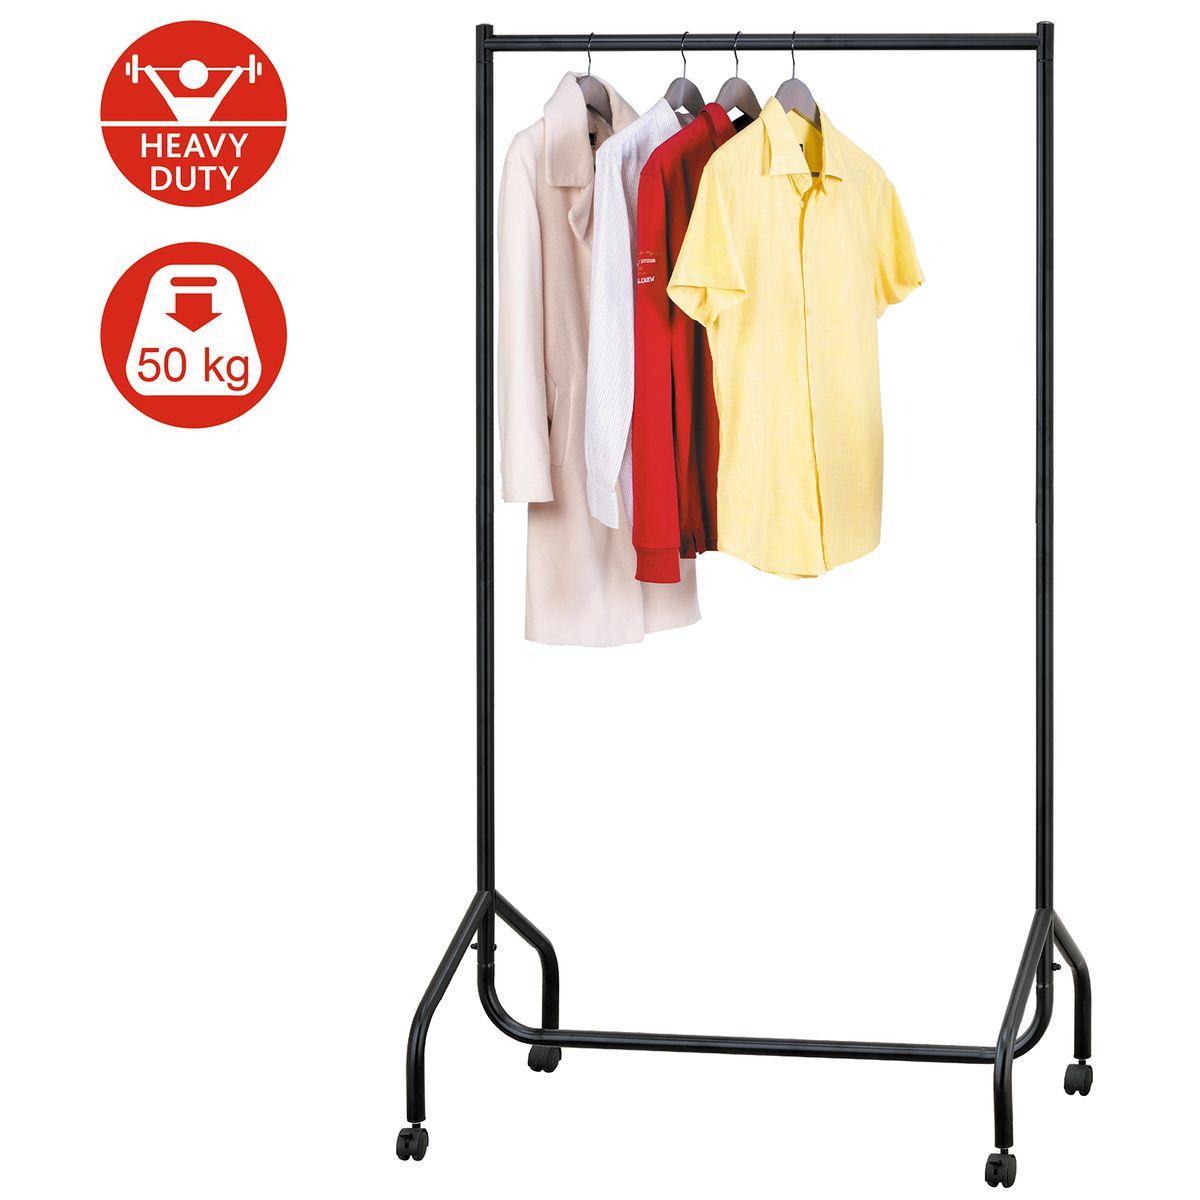 Сверхмощная стойка для одежды Tatkraft Basis вешалка для одежды tatkraft karta напольная цвет белый черный высота 173 см